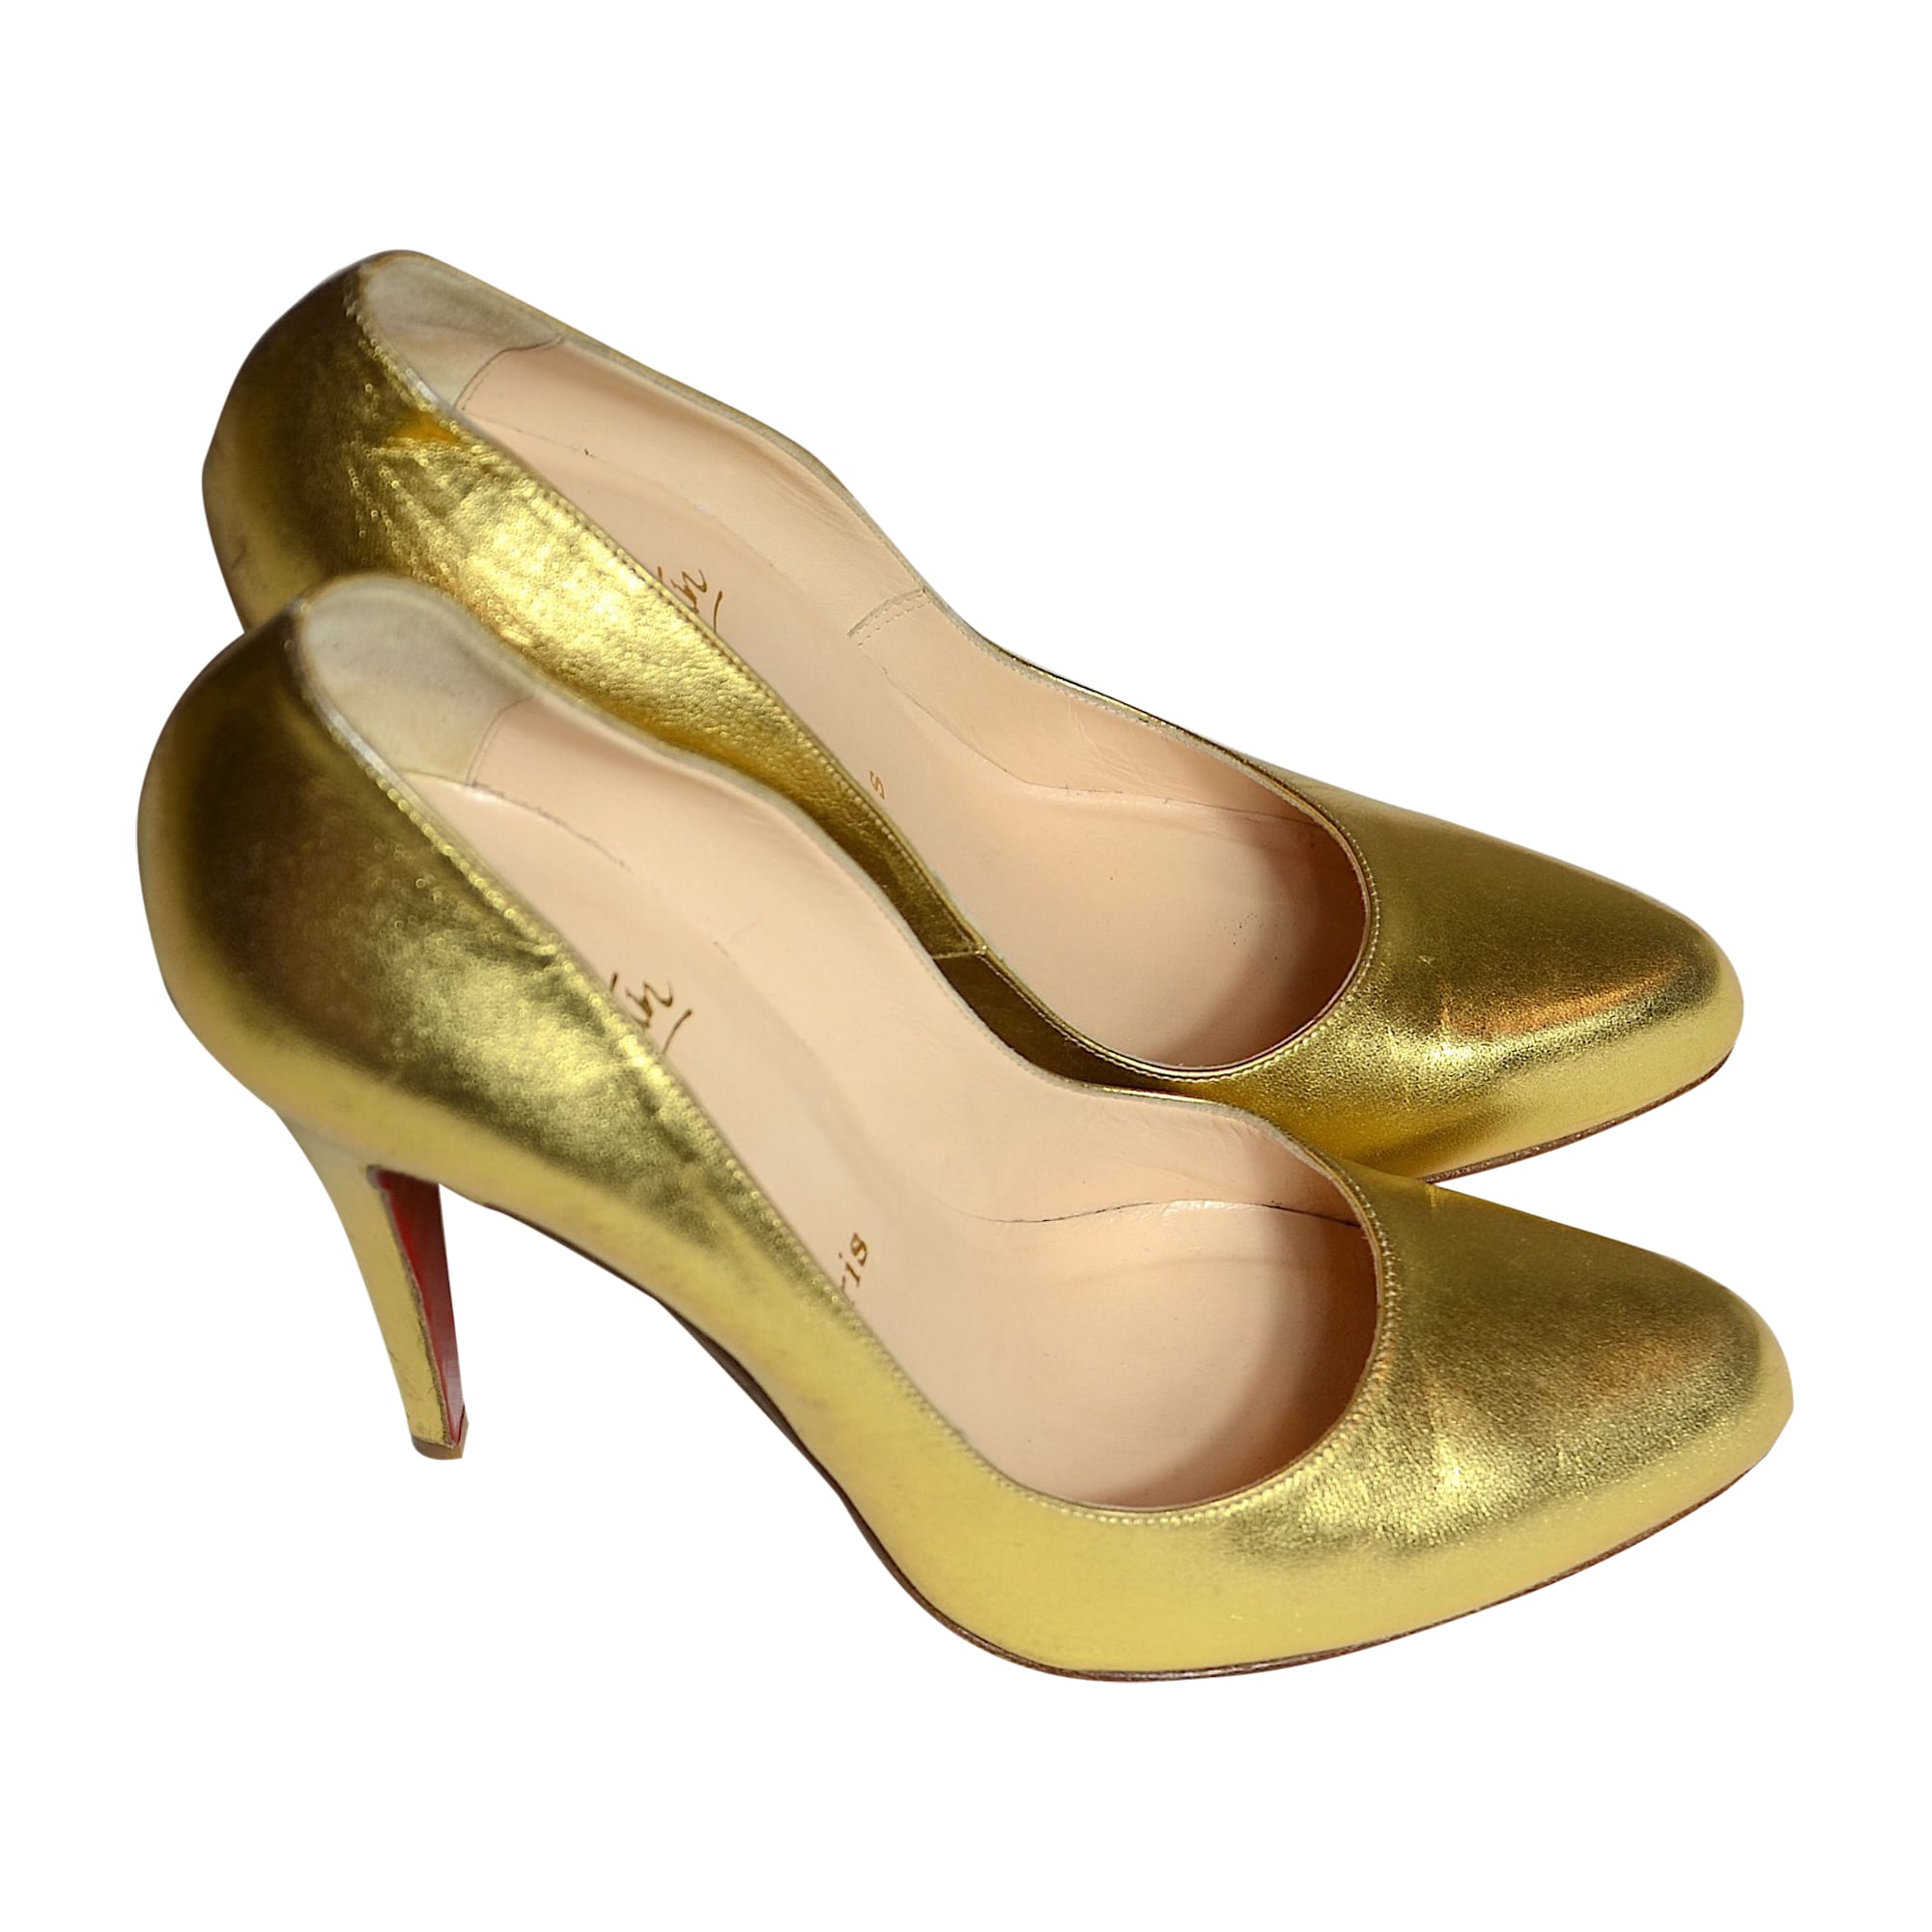 escarpins louboutin doré